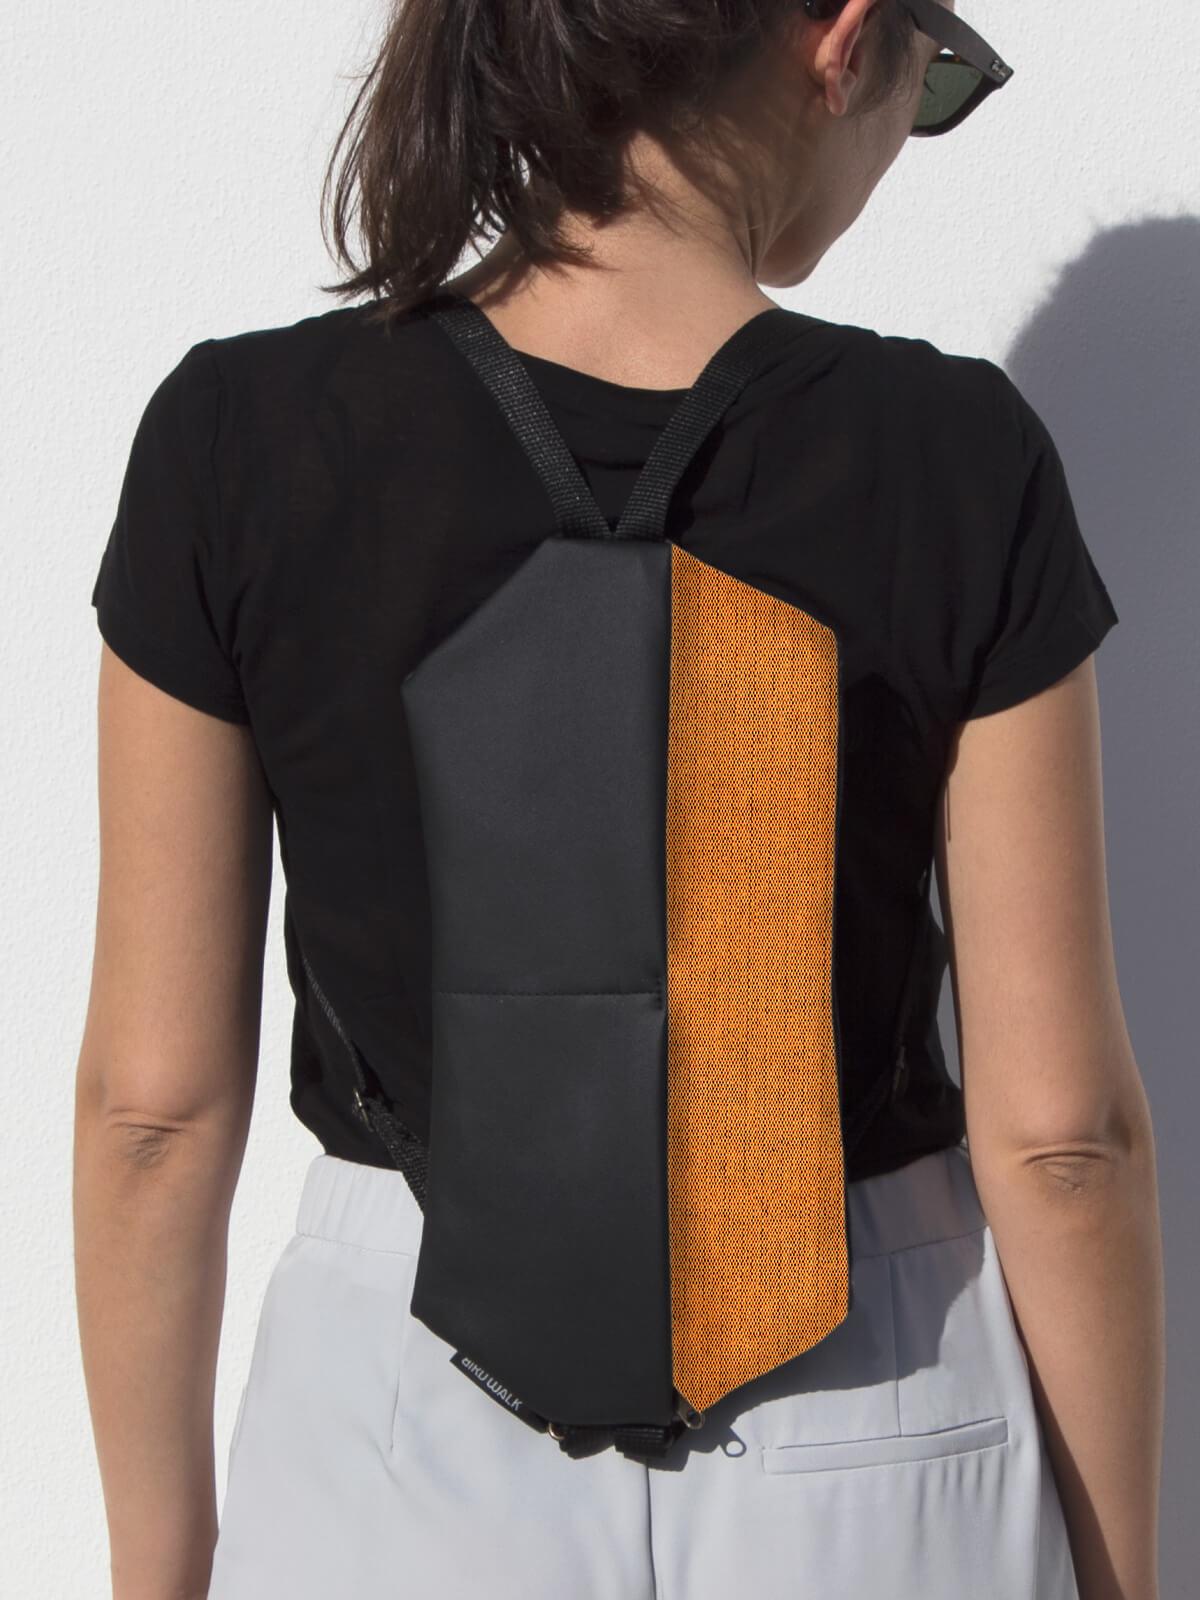 mochila compacta conversível em bolsa de ombro marca portuguesa